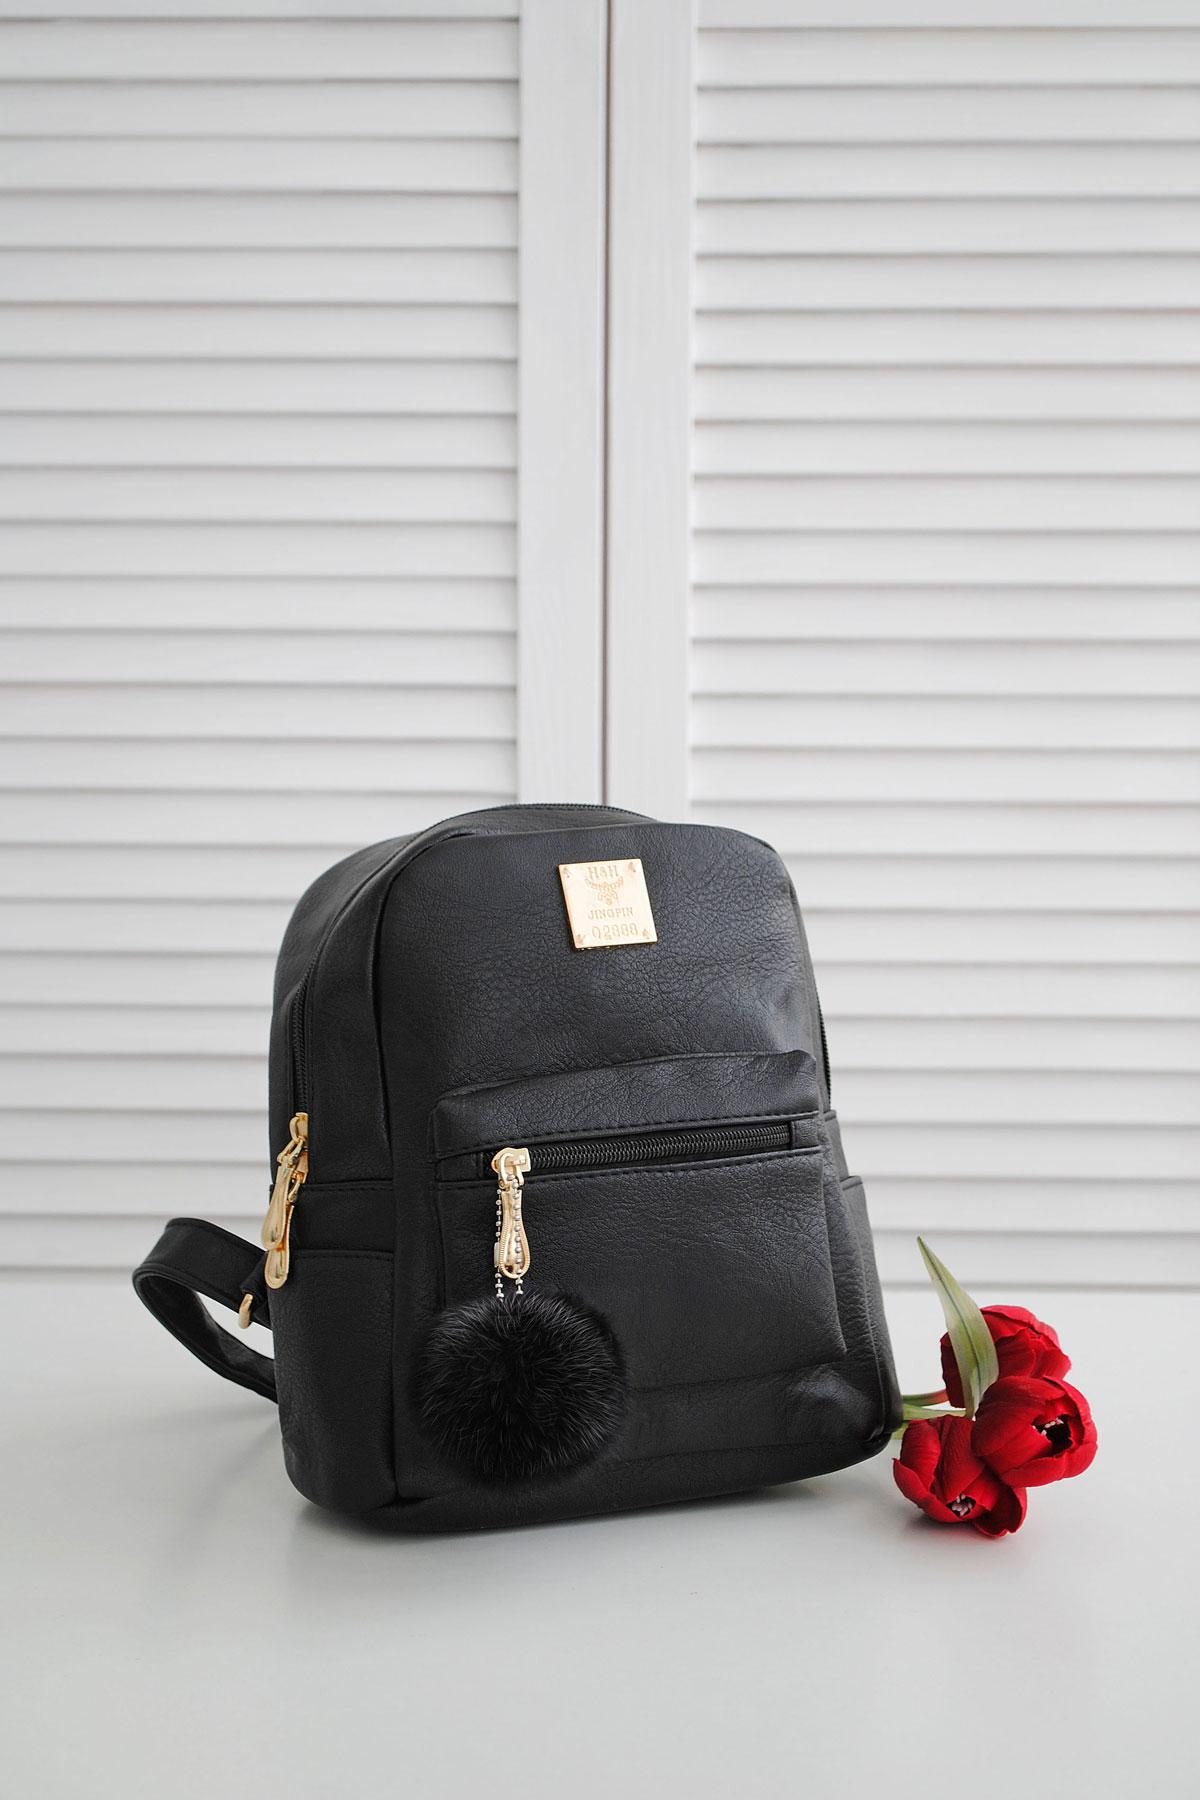 Маленький черный рюкзак рюкзак для школы с логотипом monster energy